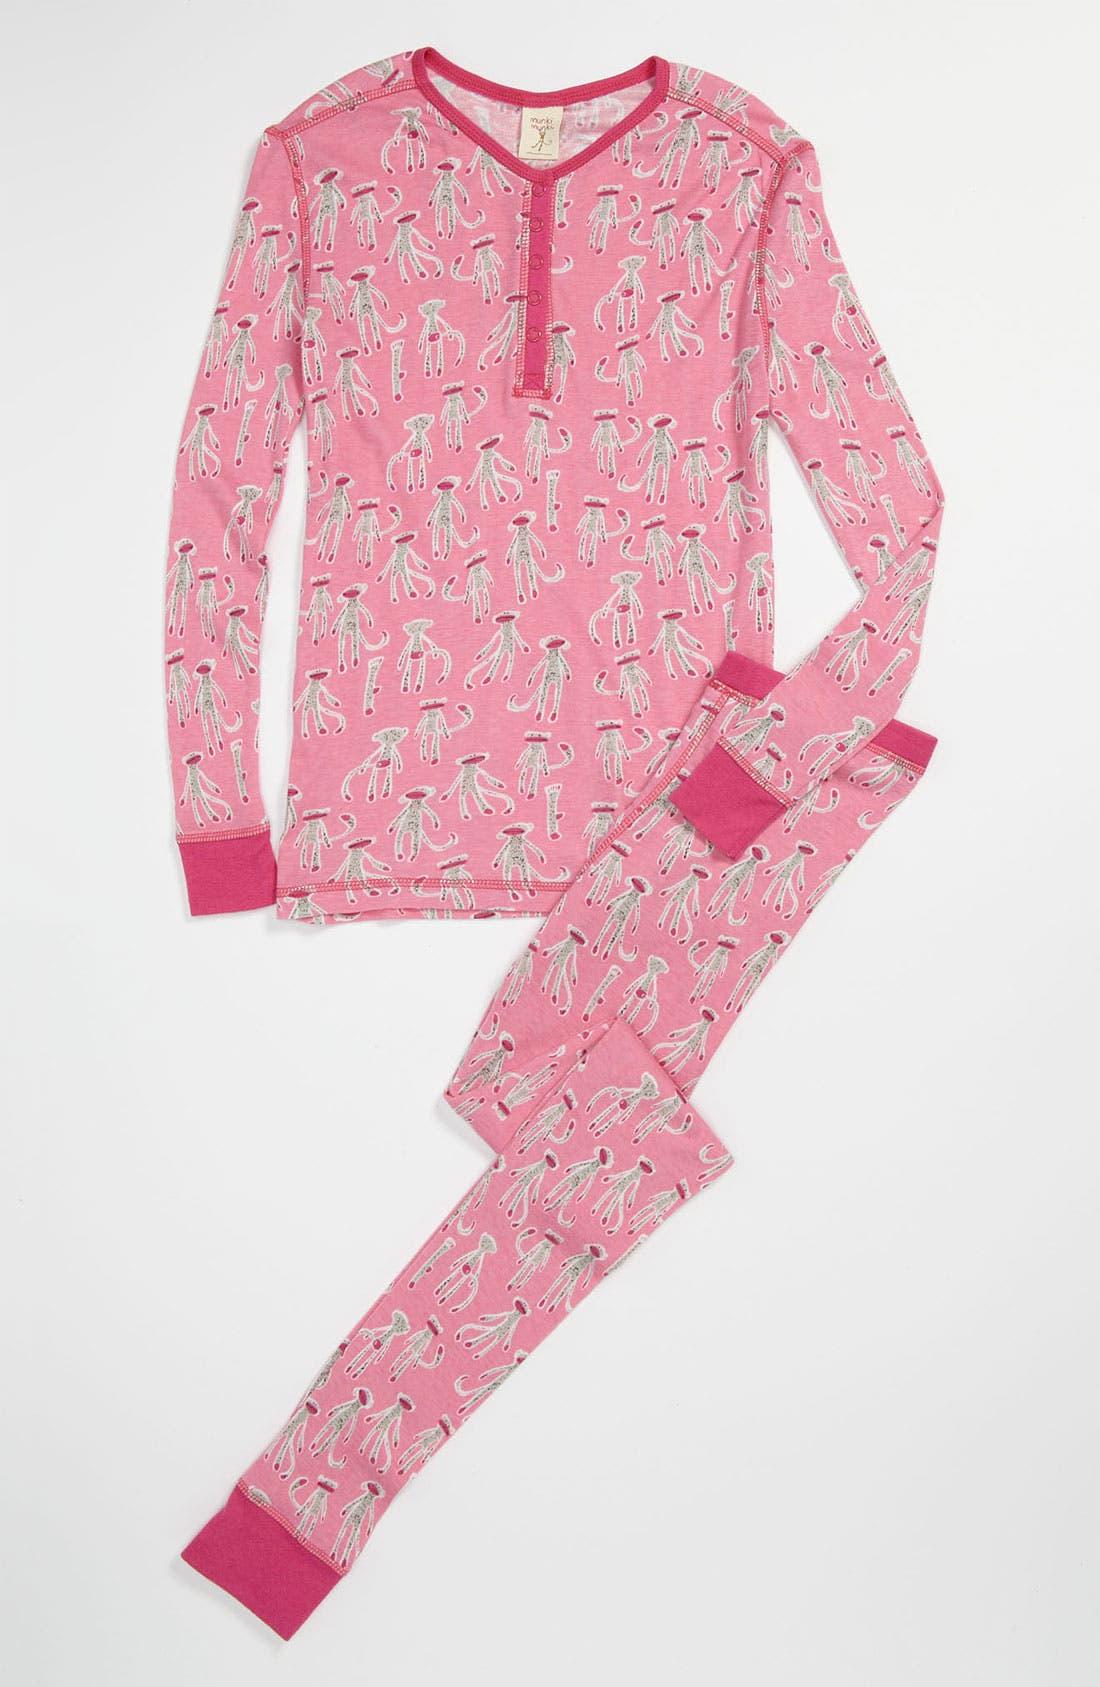 Alternate Image 1 Selected - Munki Munki Two-Piece Fitted Pajamas (Little Girls & Big Girls)